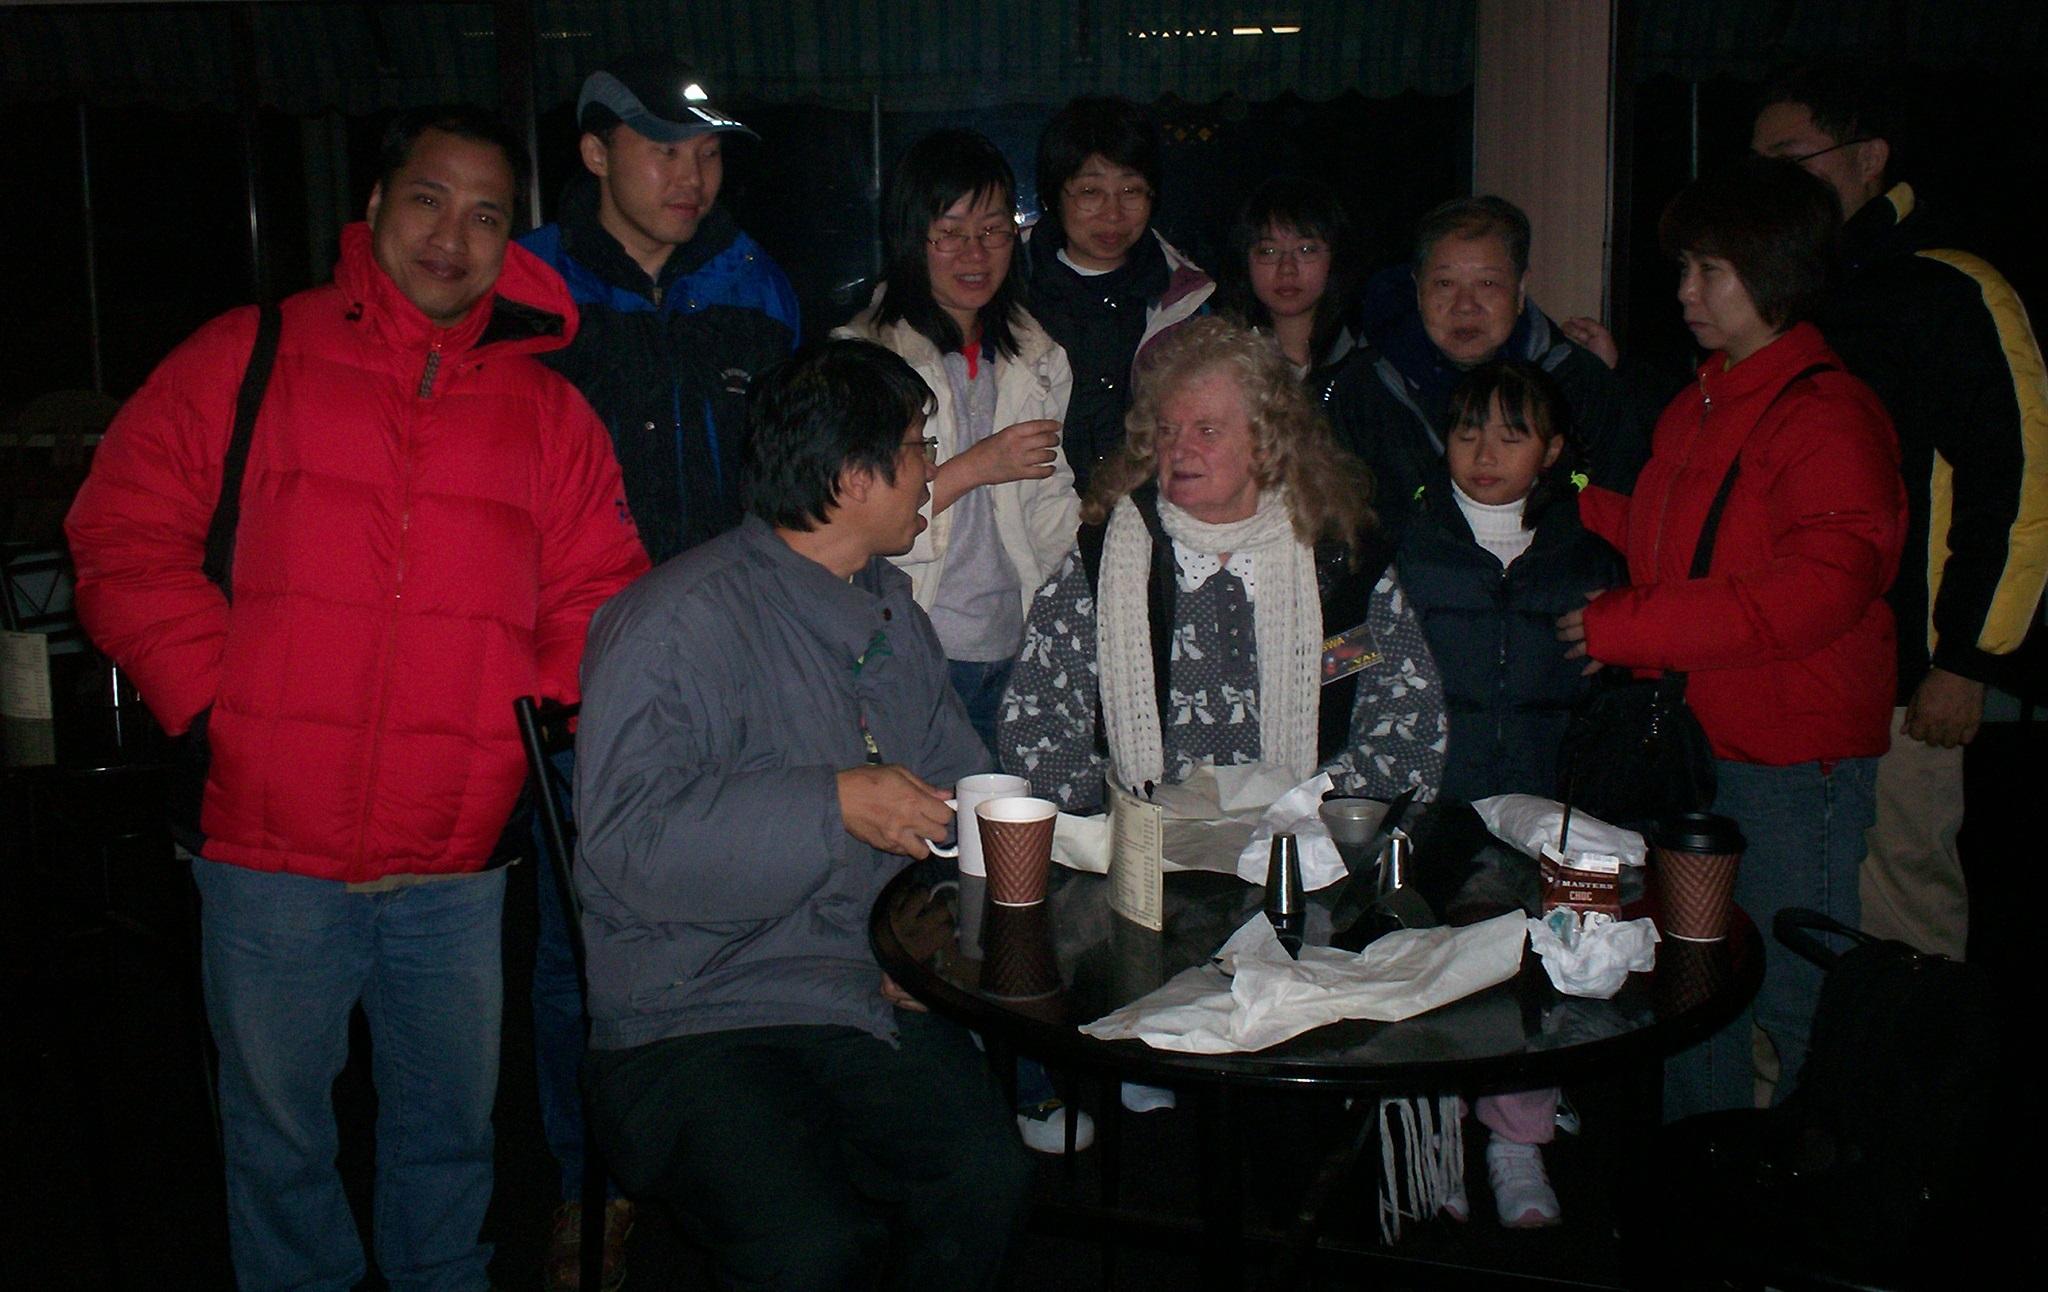 kerryn Murphy - HongKong visitros TSin Suitcase